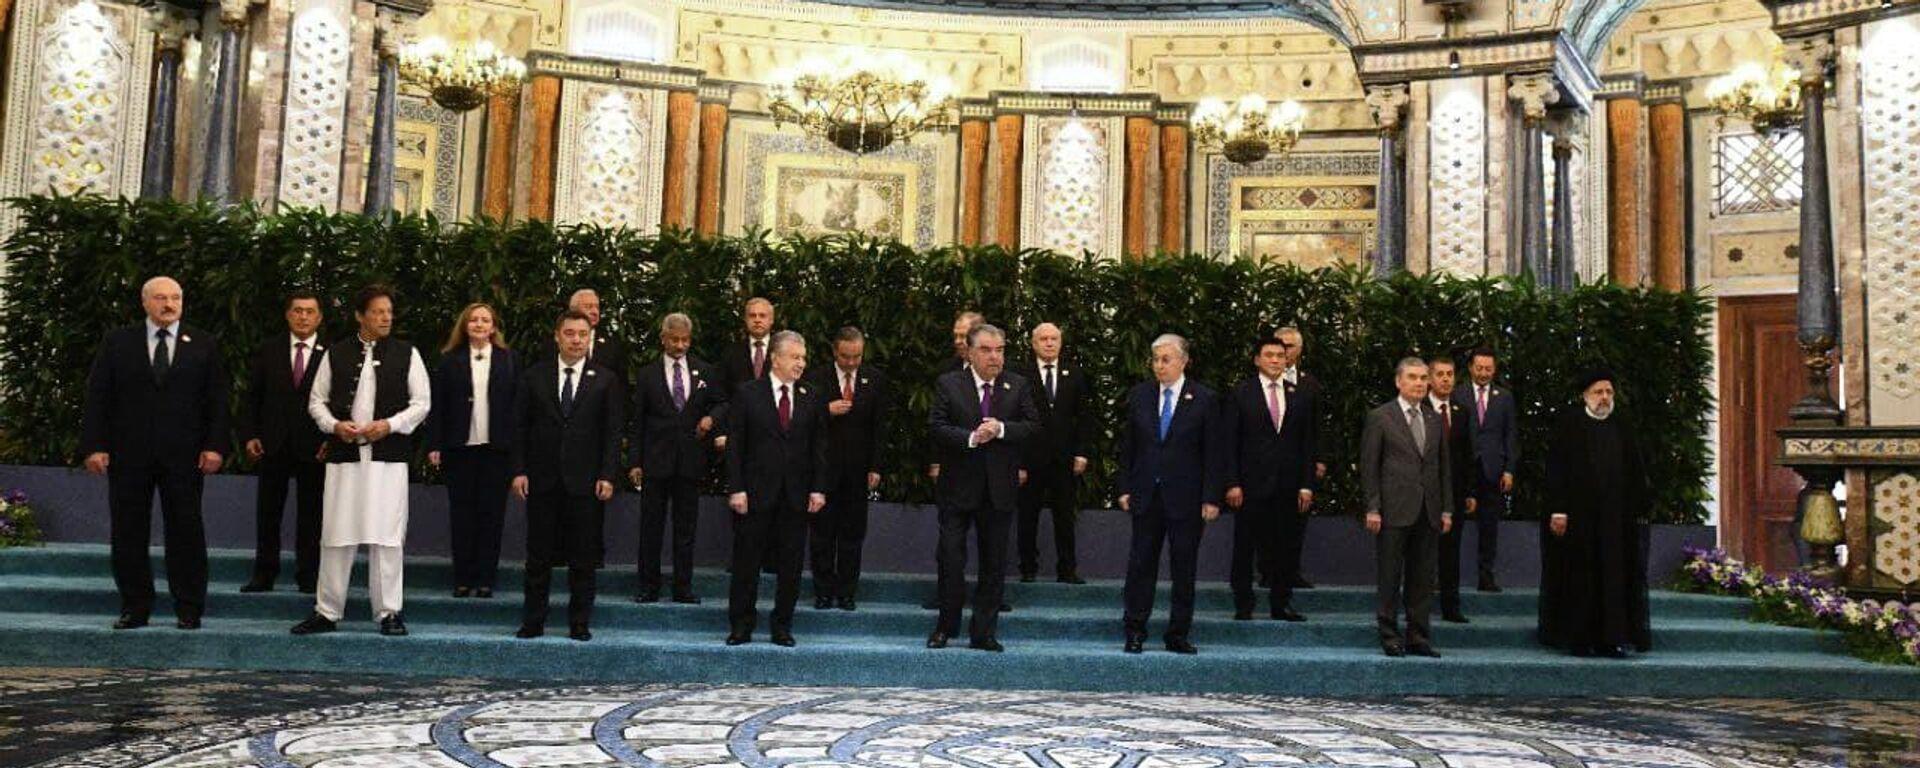 Заседание Совета глав государств Шанхайской организации сотрудничества, посвященное 20-летию создания ШОС - Sputnik Таджикистан, 1920, 17.09.2021